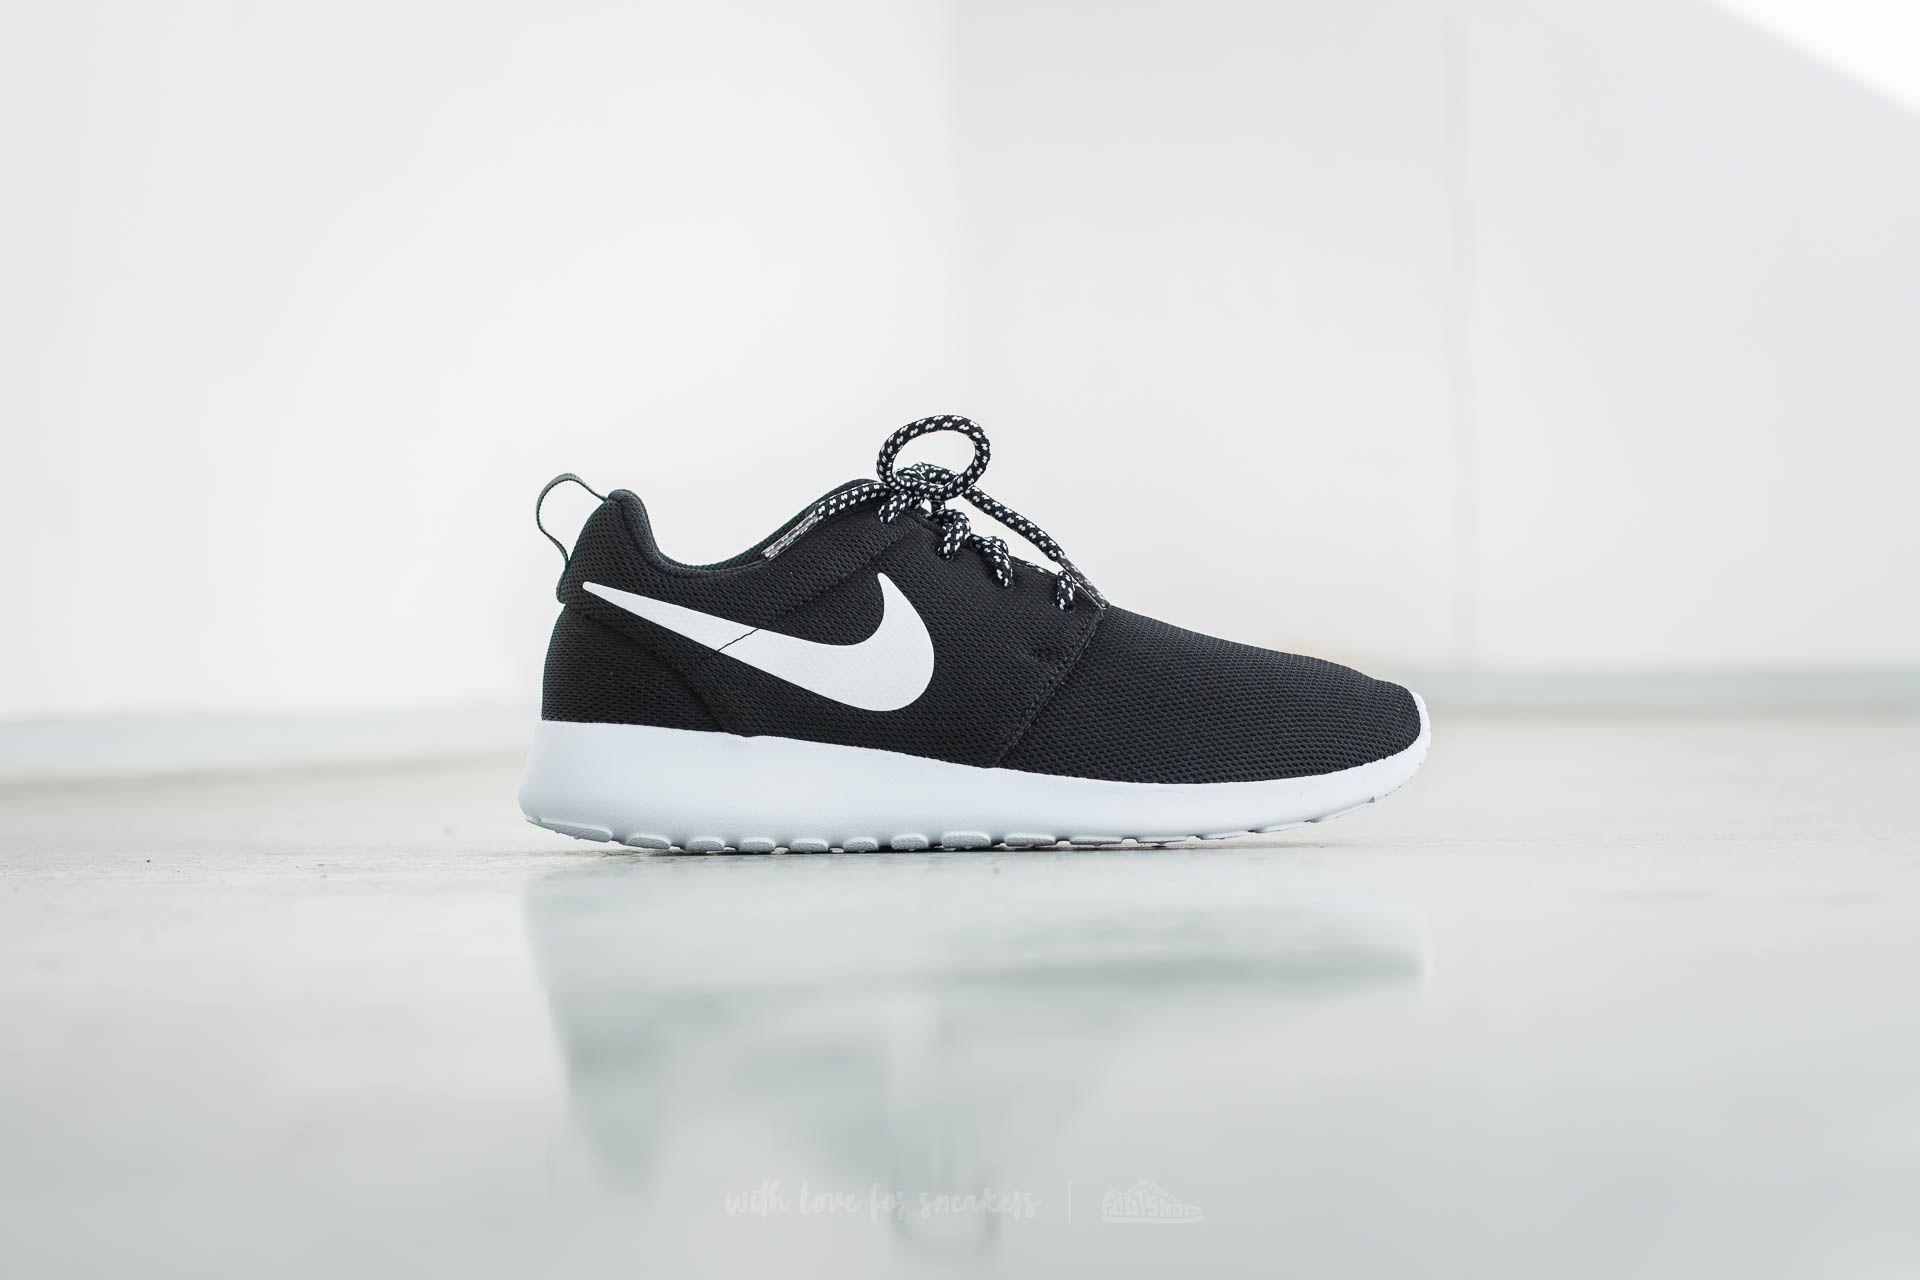 quality design 58a6b 984a8 Nike W Roshe One Black/ White-Dark Grey | Footshop